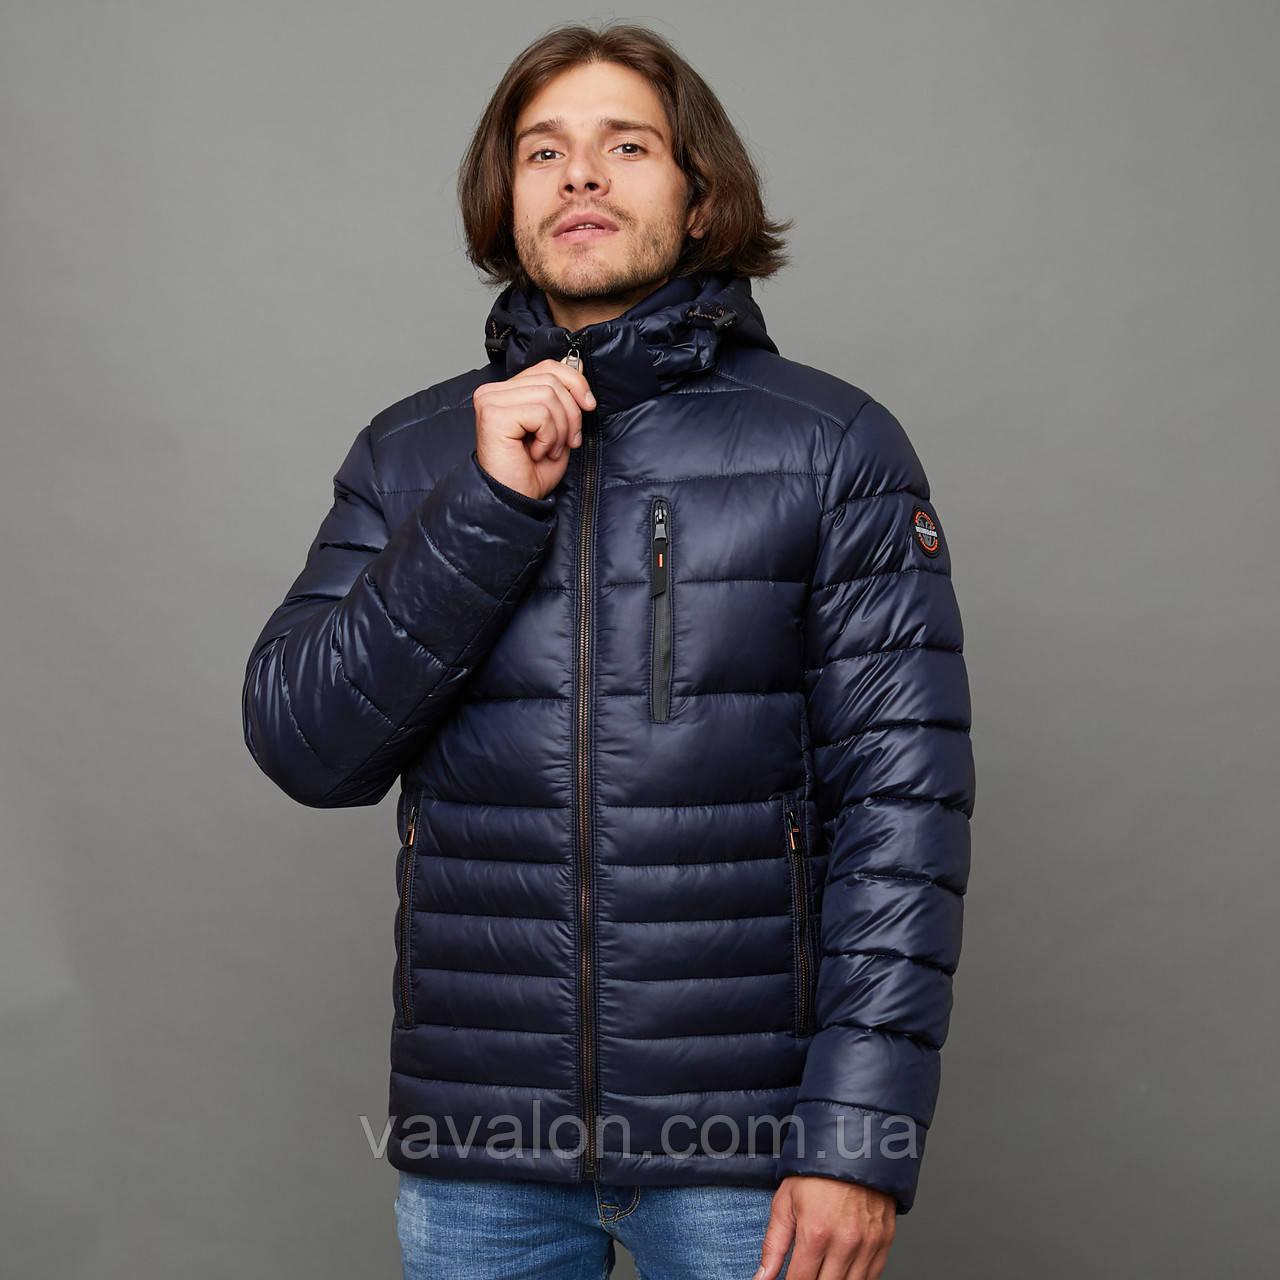 Куртка демисезонная Vavalon EZ-923 Navy